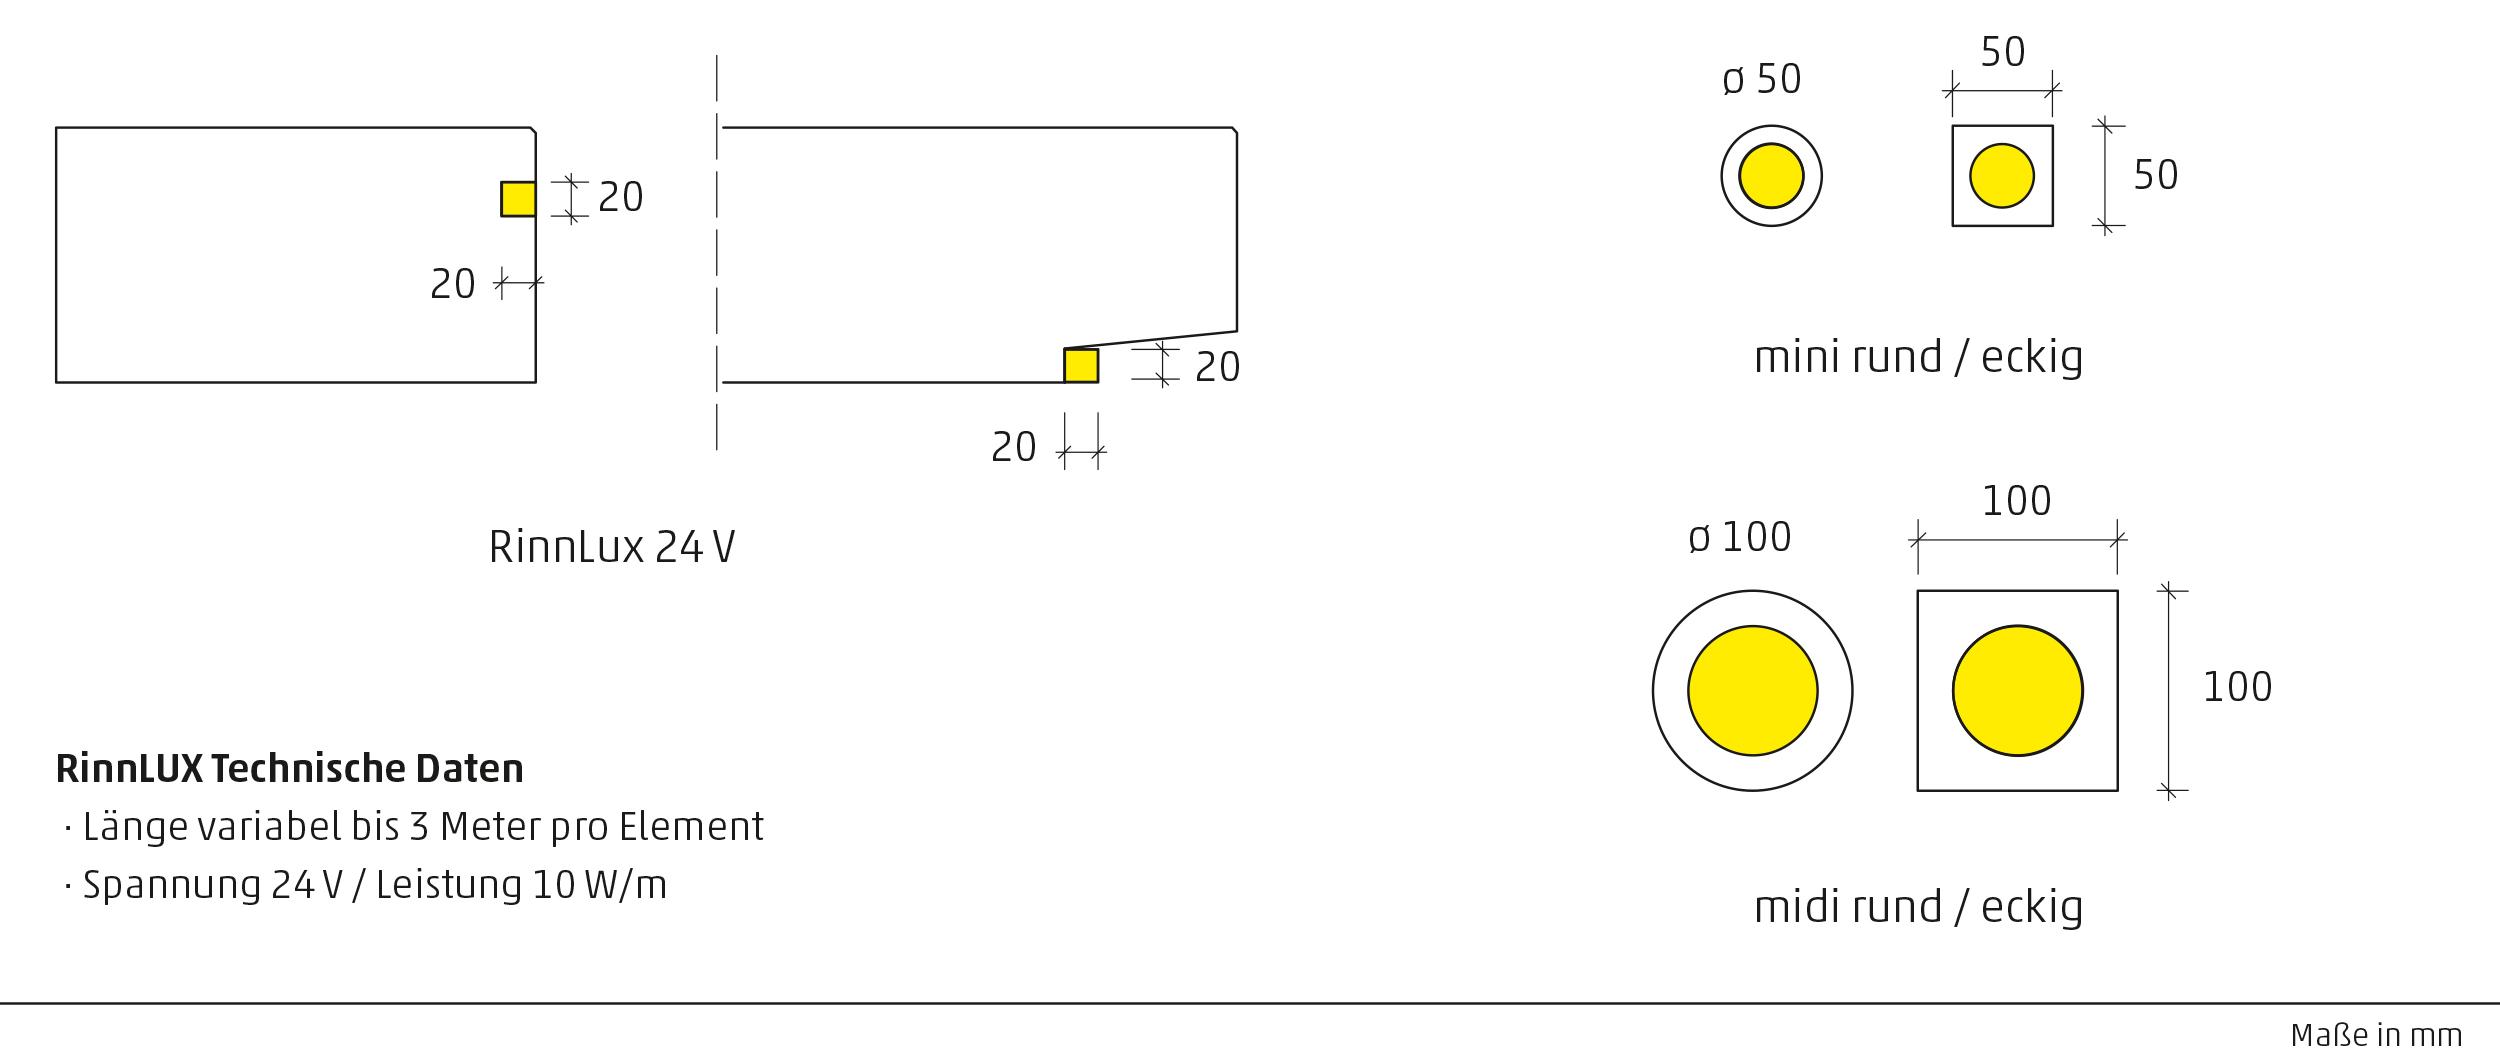 Technische Zeichnung der verfügbaren LED-Einbauleuchten für Betonsteine.